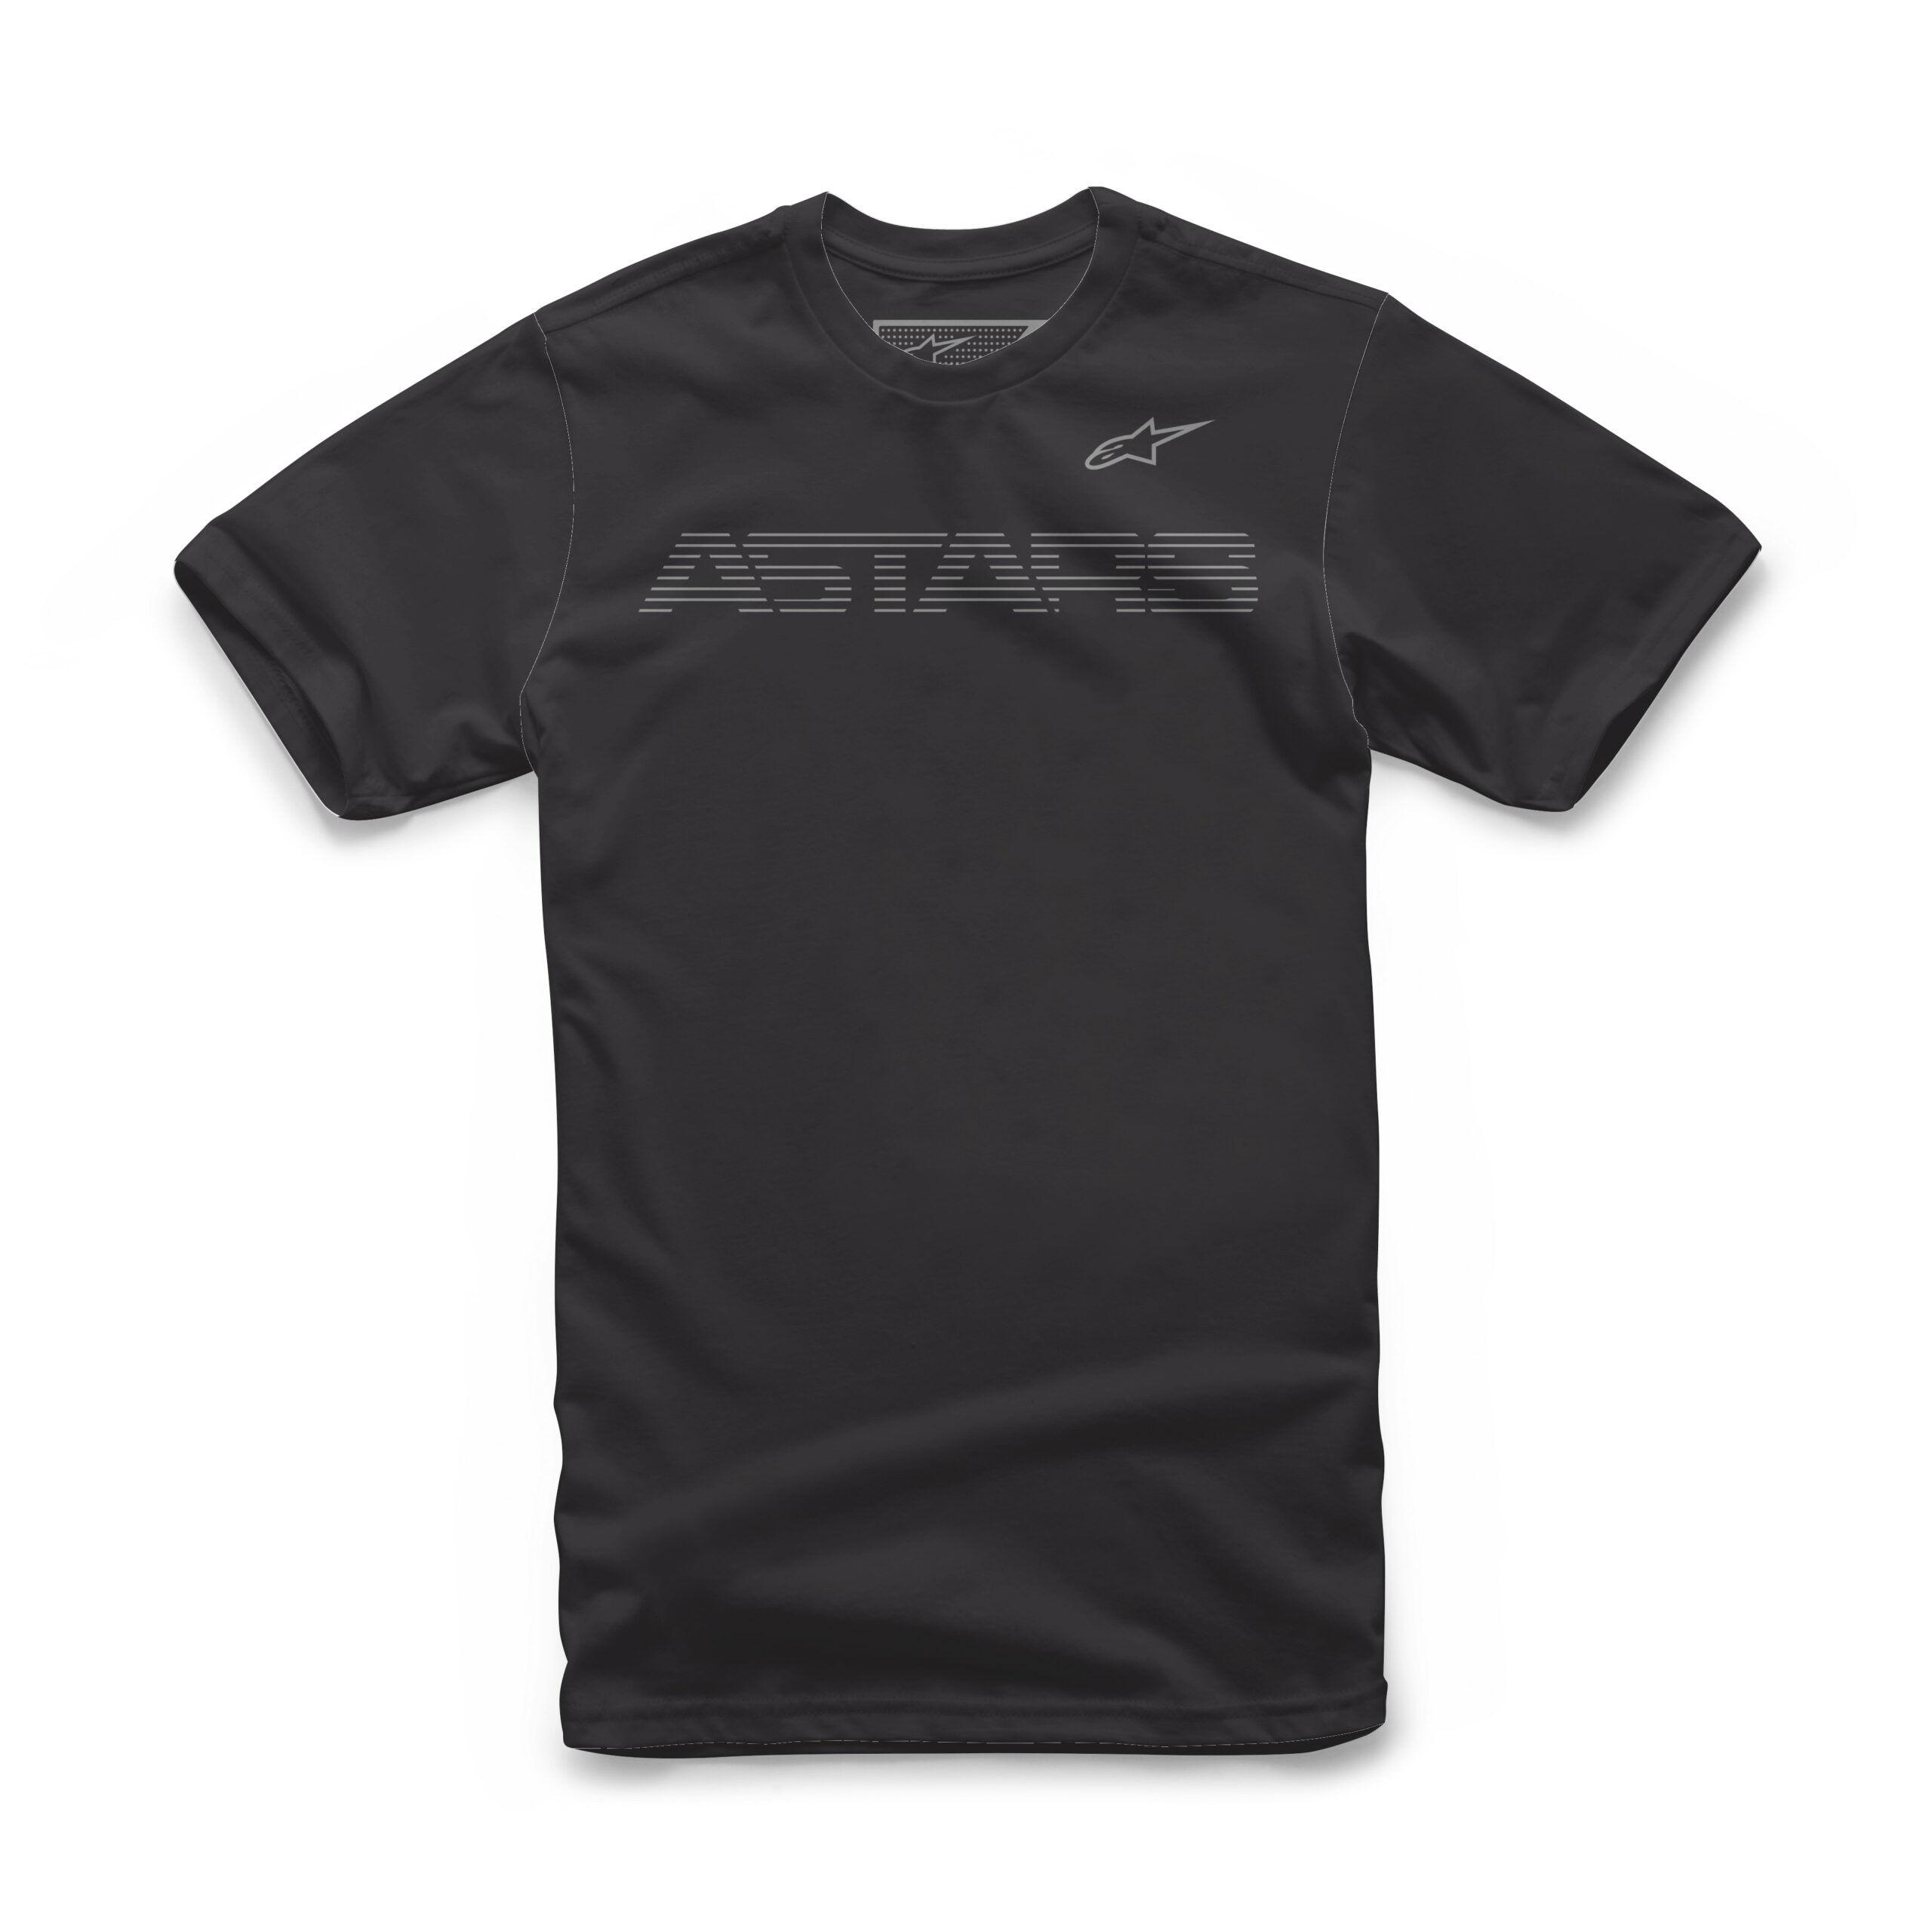 Alpinestars ASTARS Tee black - for men